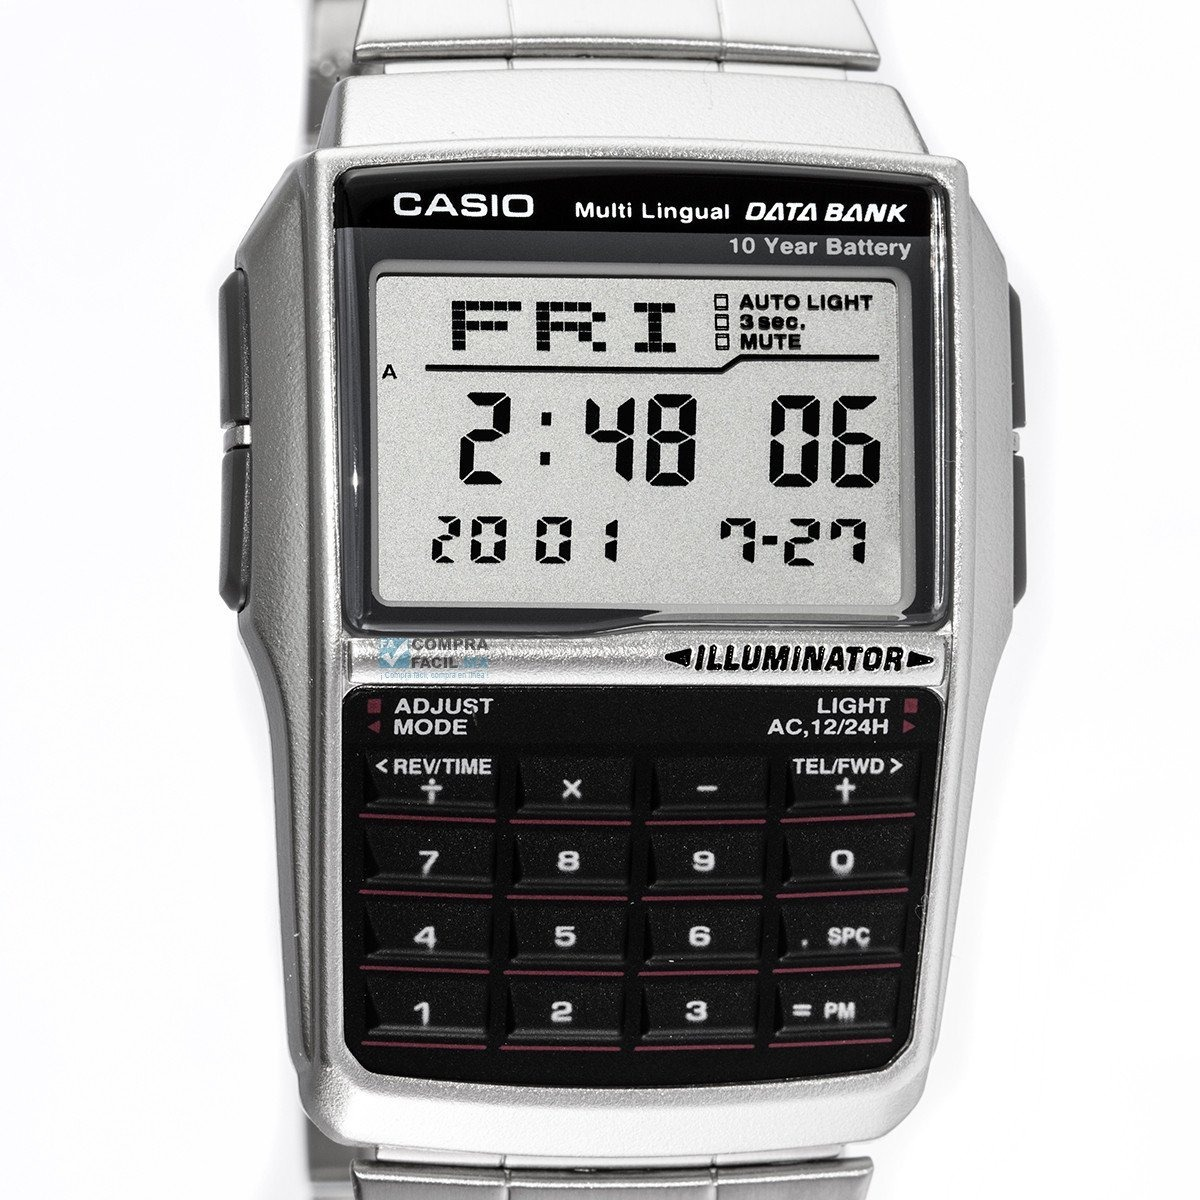 2d9daed56be4 reloj casio retro vintage dbc32 - acero - calculadora - alar. Cargando zoom.